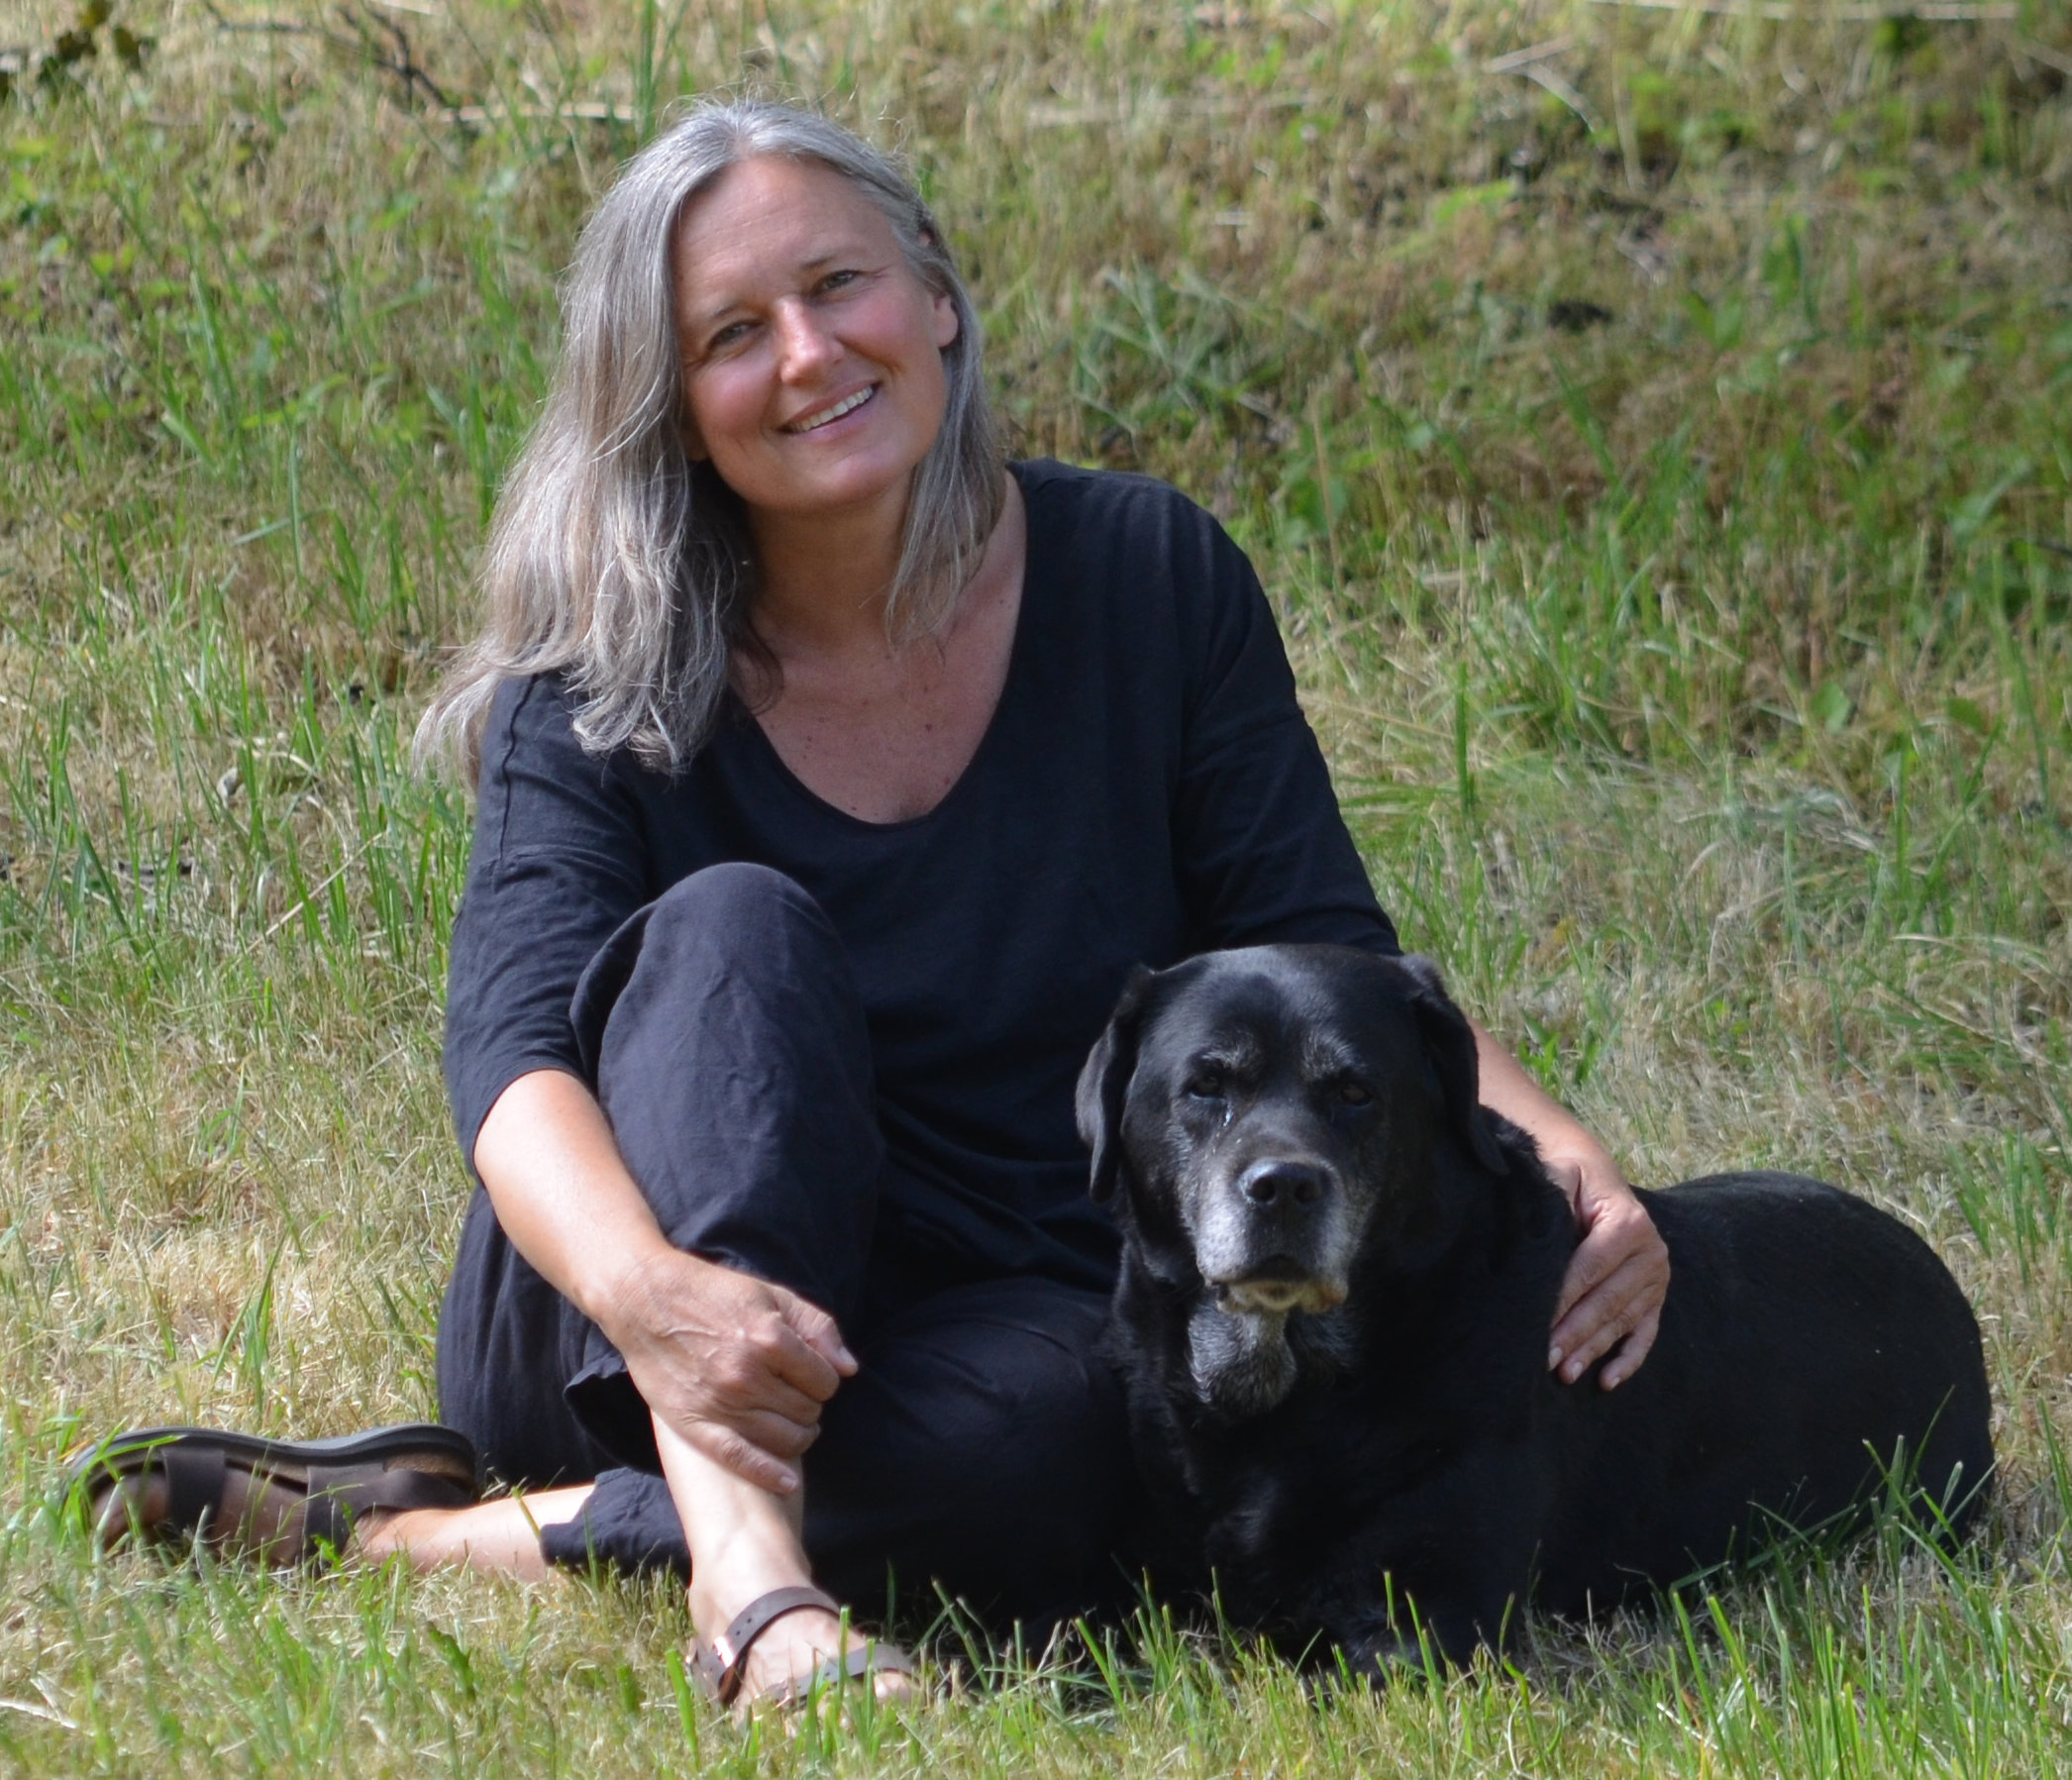 Sabine Simeoni ist Wald- und Wildnispädagogin, Naturmentorin,  Yogalehrerin, Autorin und ausgebildet in traditioneller Phytotherapie.  Ihre Vision ist es, Menschen durch einfühlsames Begleiten in ihren  persönlichen Fähigkeiten zu stärken und ihre Beziehung zur Natur  nachhaltig zu vertiefen.